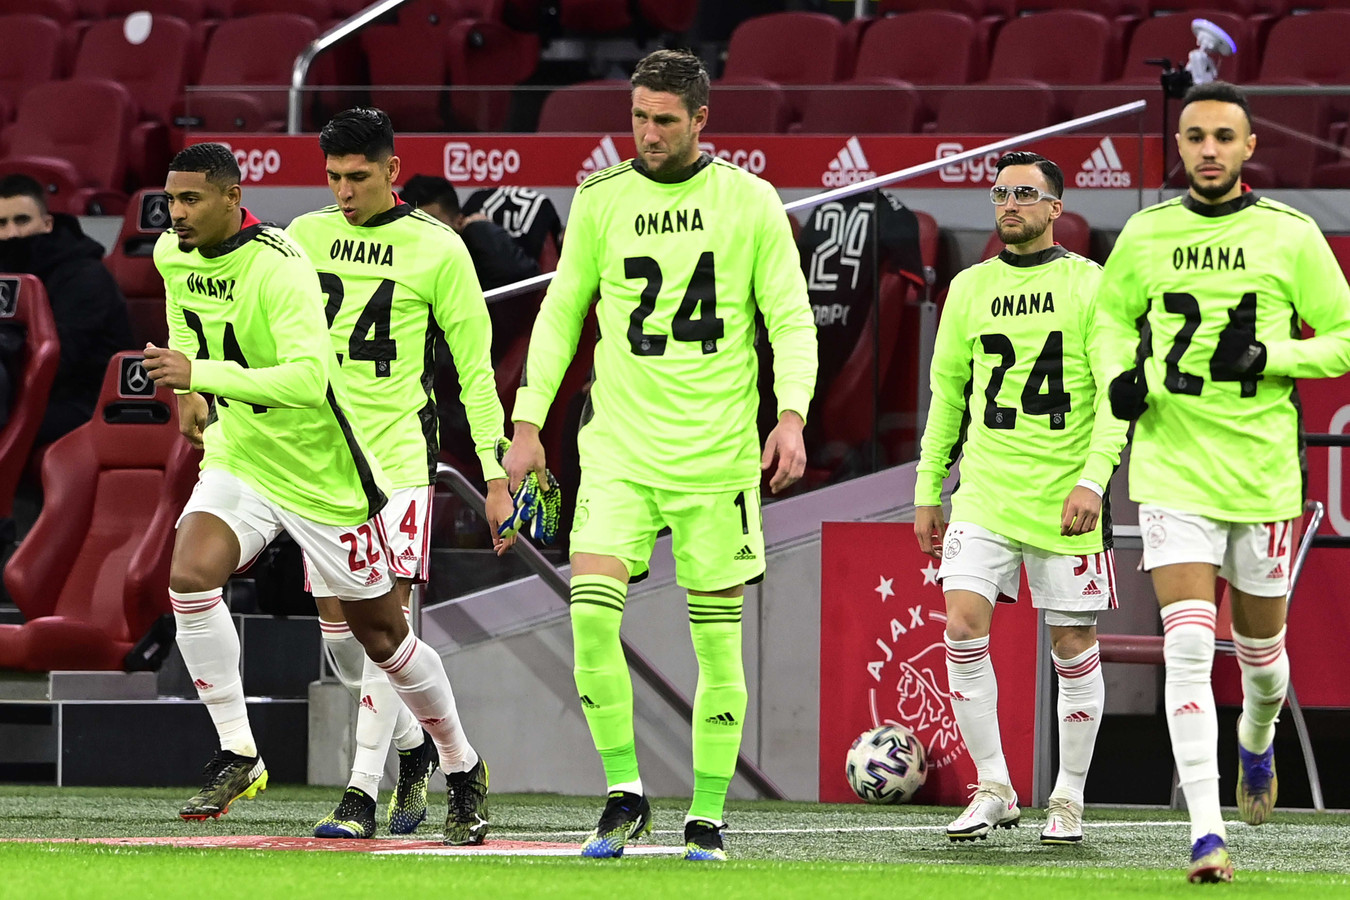 De spelers van Ajax staken de geschorste André Onana een hart onder de riem.